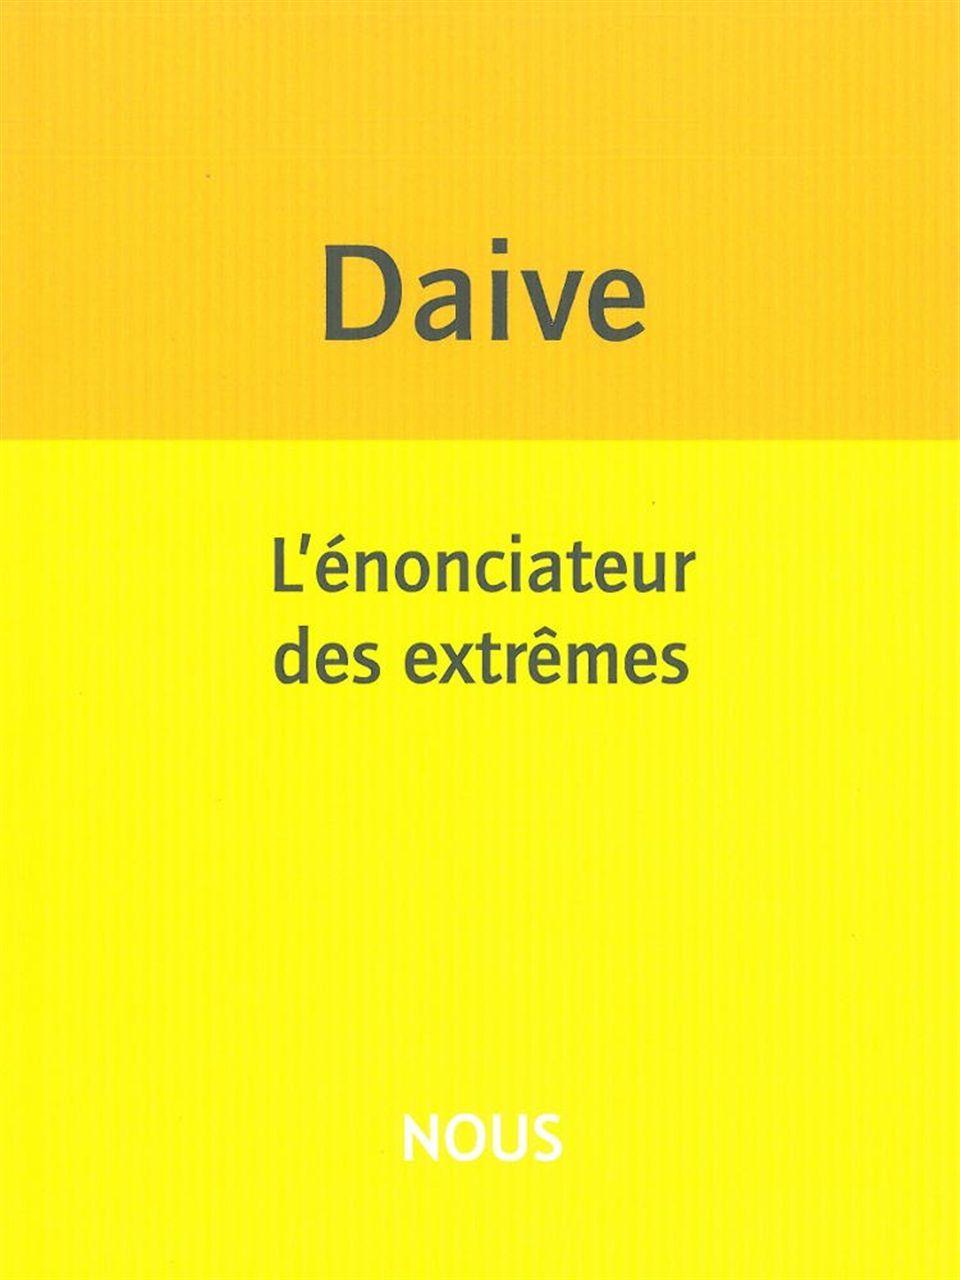 L' ENONCIATEUR DES EXTREMES